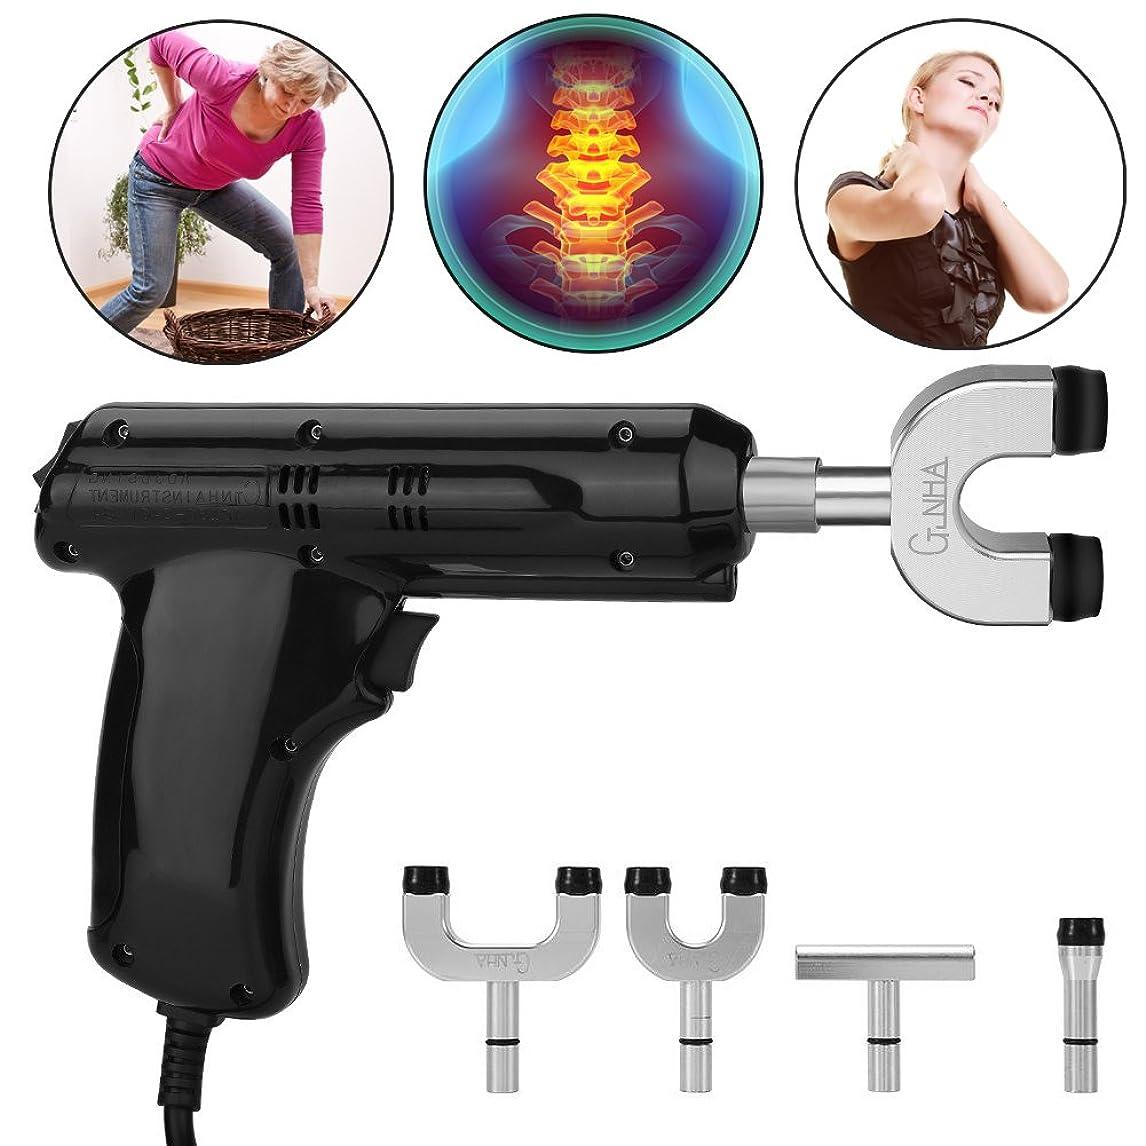 ファンブル評価するフィッティング電動カイロプラクター、カイロプラクター、背骨と胸郭を調整するための身体緩和ツール、黒